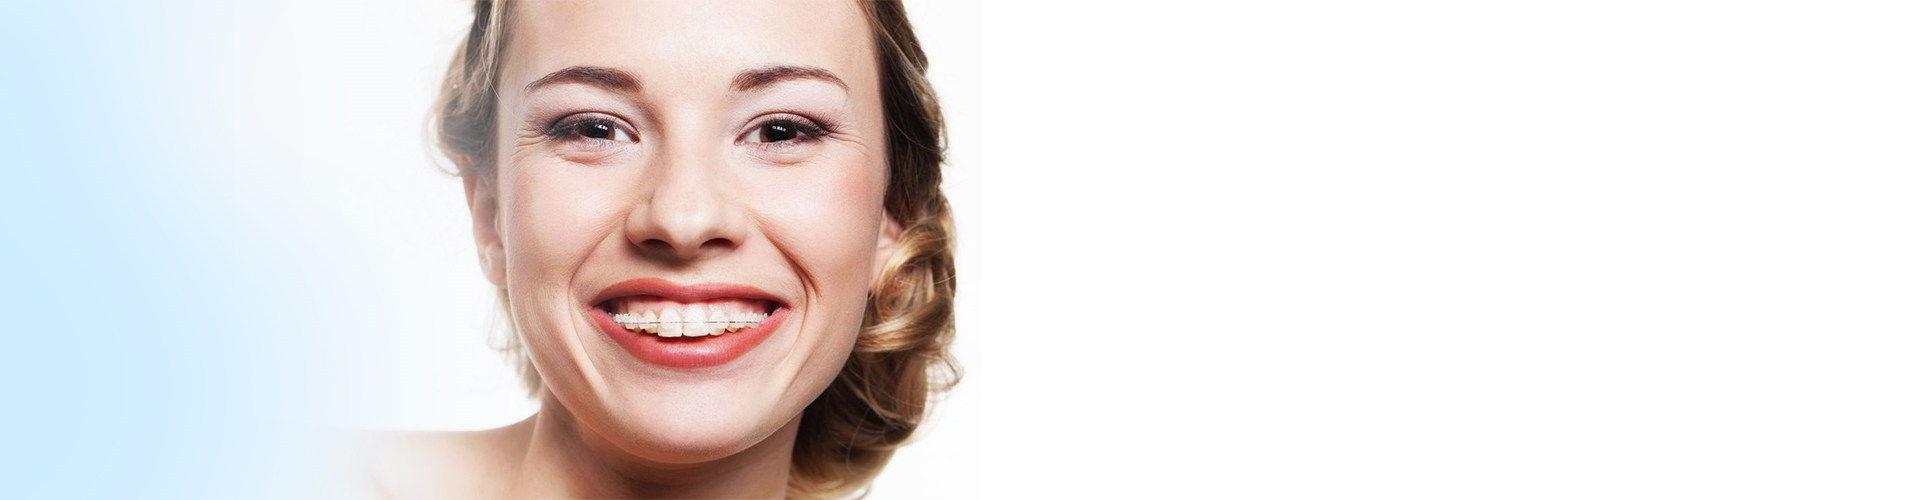 Сапфировая улыбка — самый популярный вид брекетов.